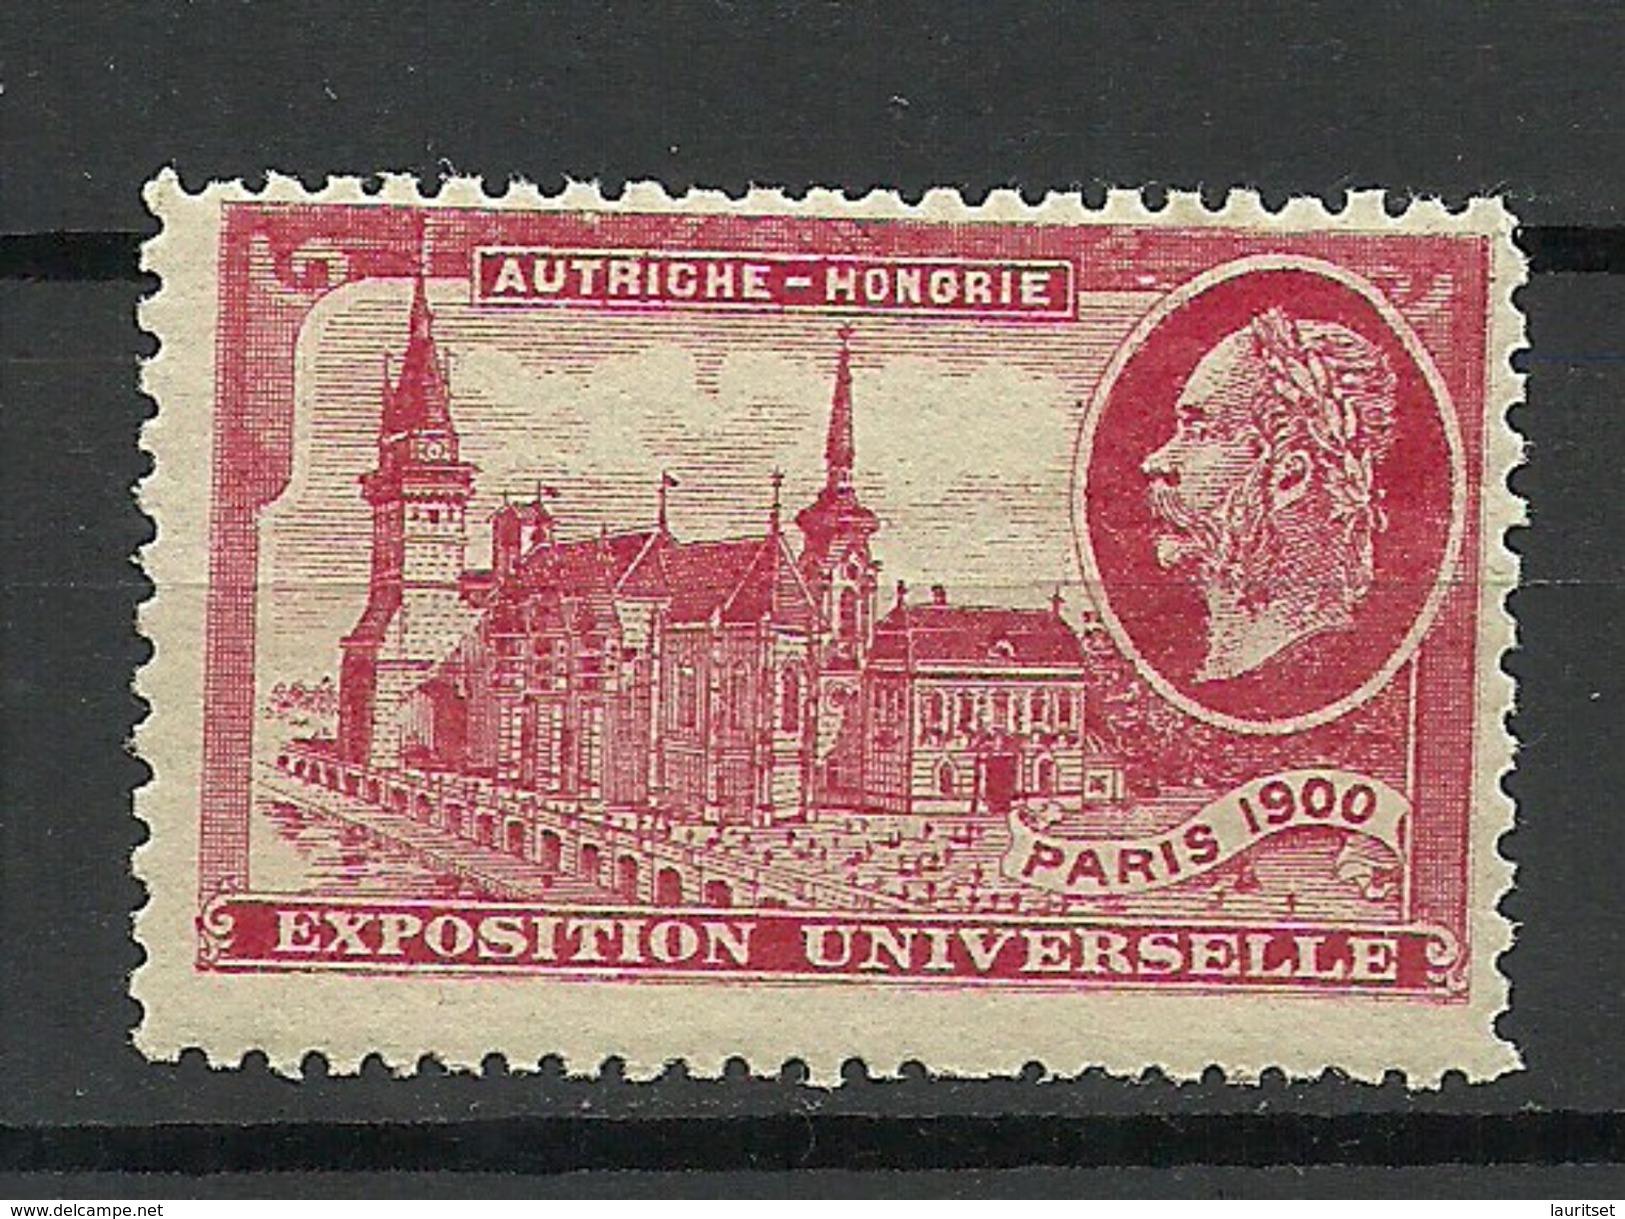 France 1900 EXPOSITION UNIVERSELLE Paris Österreich- Ungarisches Pavillion MNH - 1900 – Paris (Frankreich)